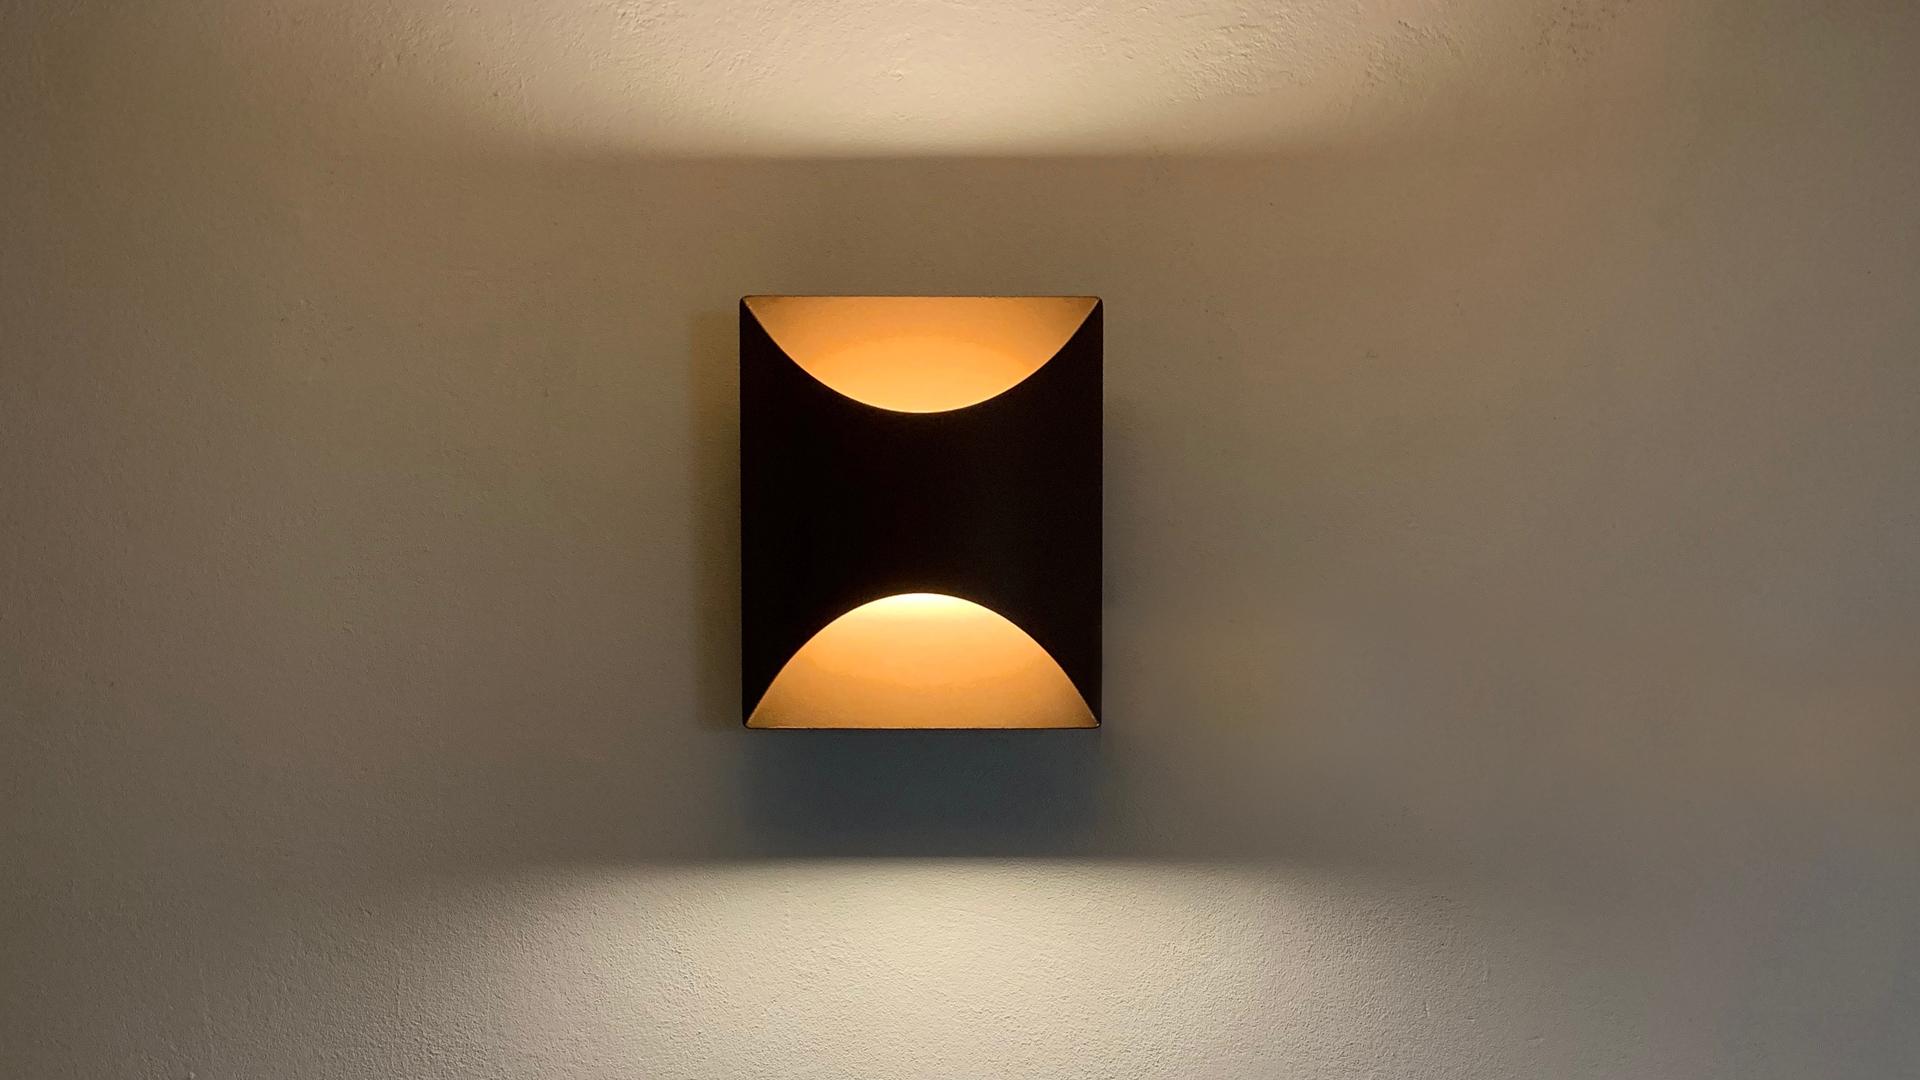 Applique extérieure en acier rouille Corten - Lampe murale à LED basse consommation